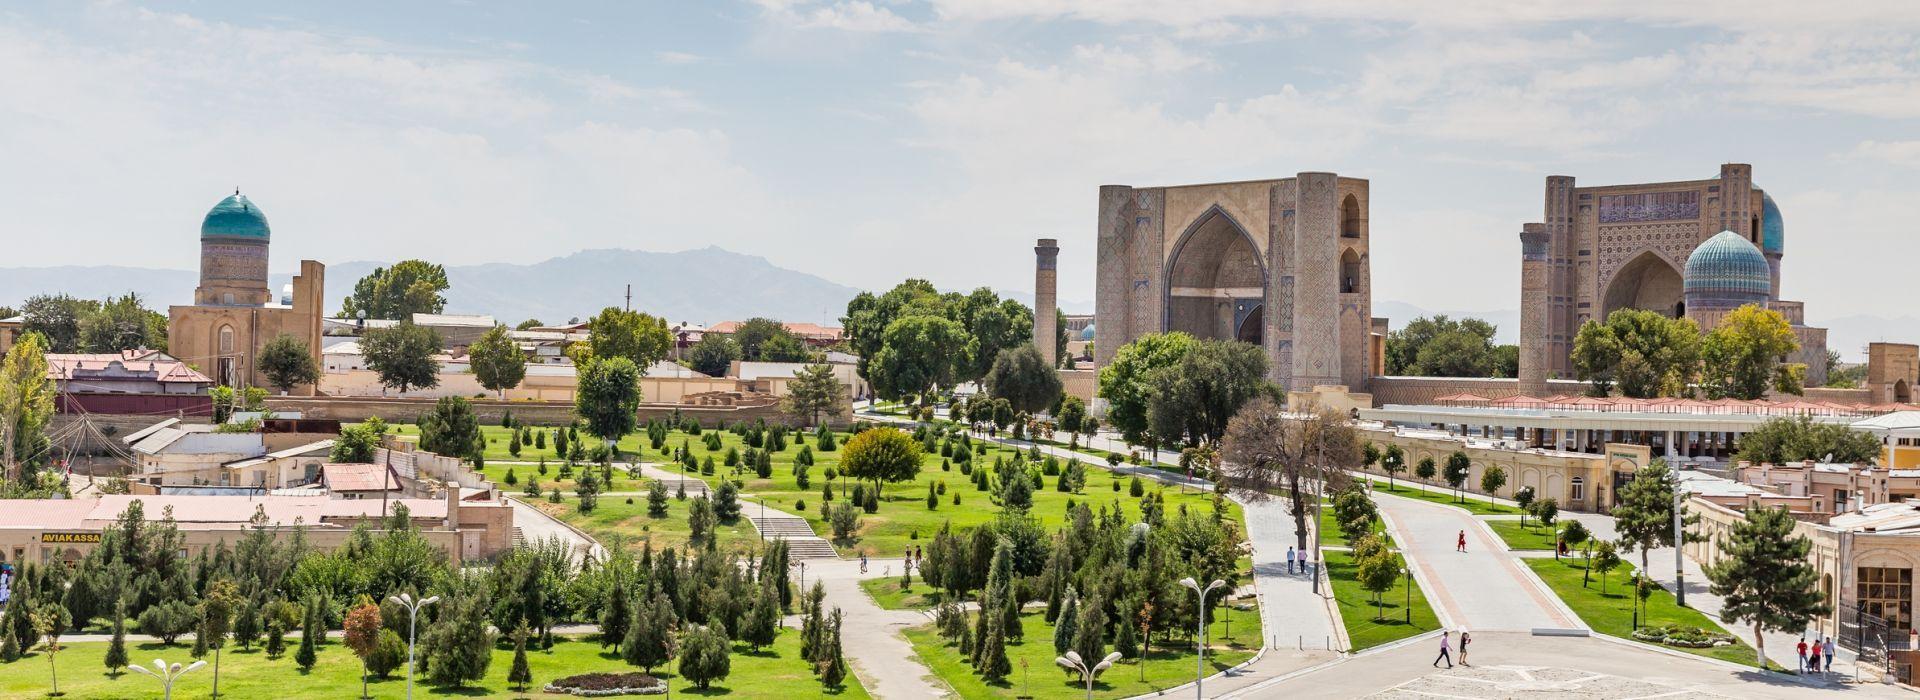 Uzbekistan Tours and Trips to Uzbekistan